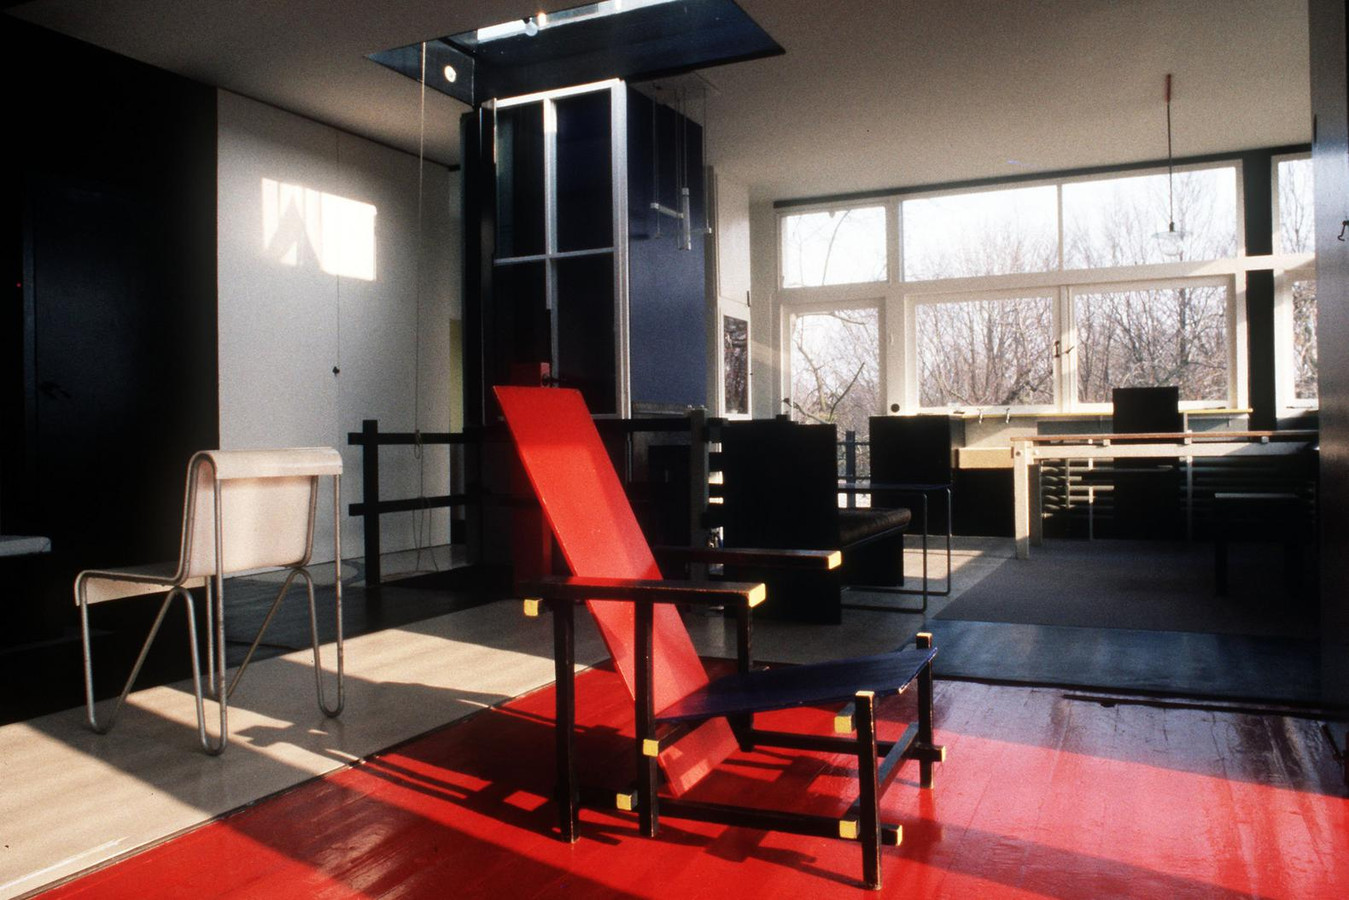 Utrechtse musea willen vaker publiekstrekkers zoals de stijl foto - Interieur meubels ...